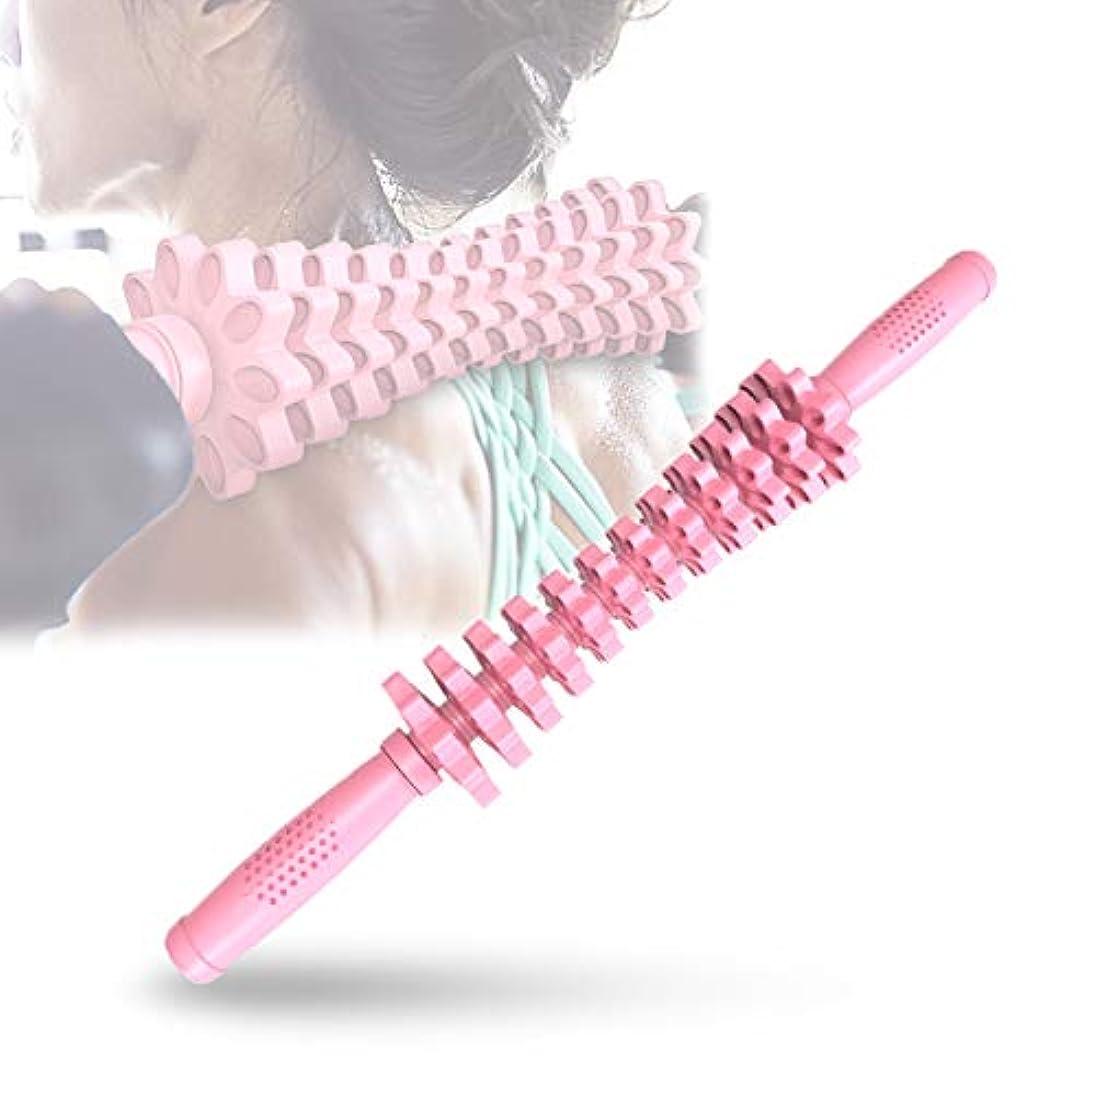 換気信者カリキュラムフォームローラー 筋肉マッサージおよび筋筋膜のトリガーポイント解放のためのギヤマッサージャーの取り外し可能なポリ塩化ビニールの快適な滑り止め,Pink